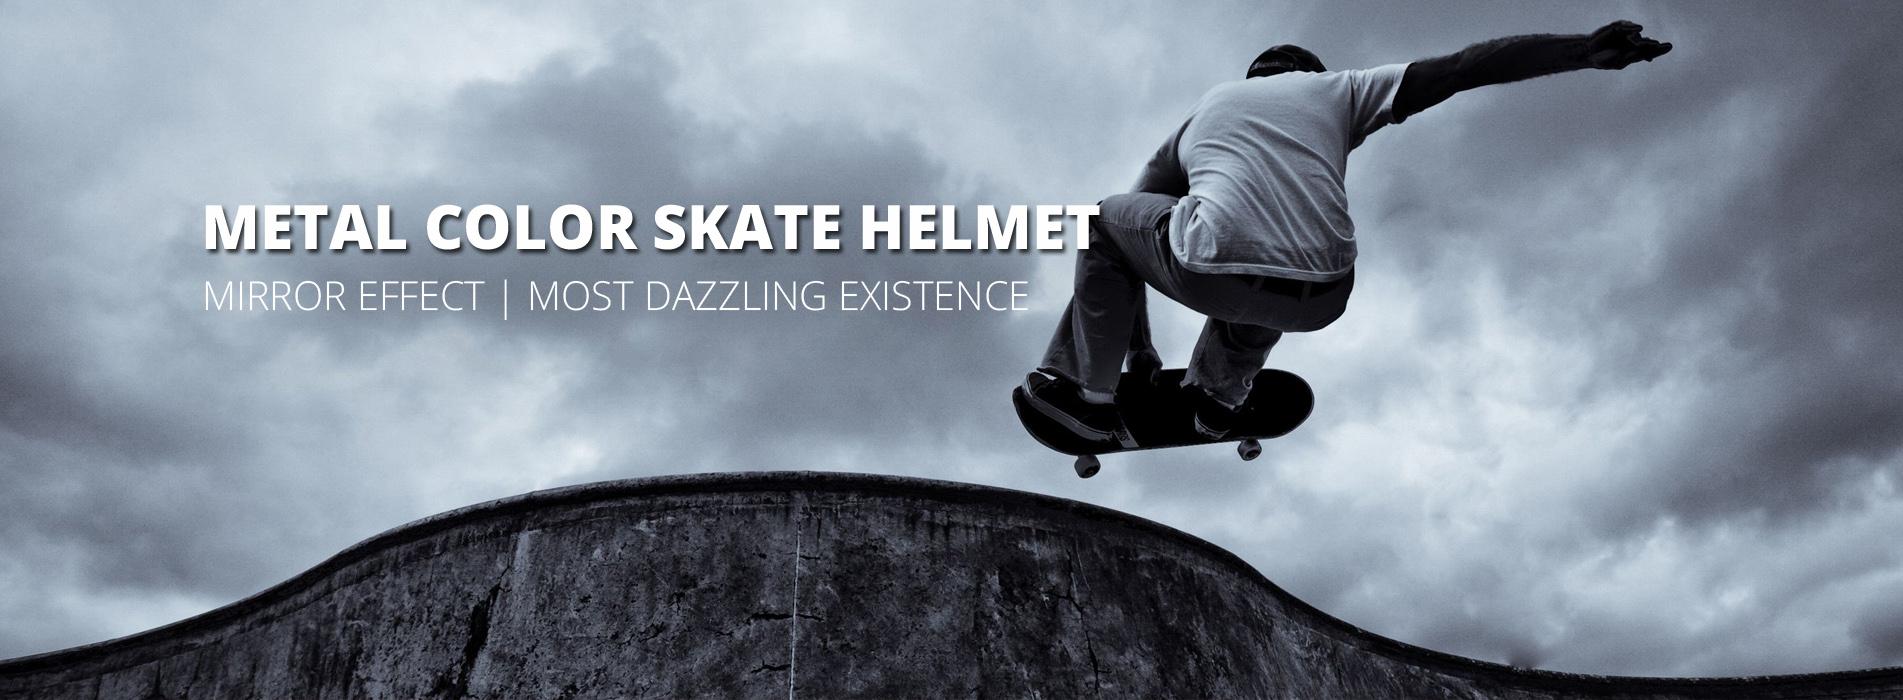 electroplating skate helmet k003 banner